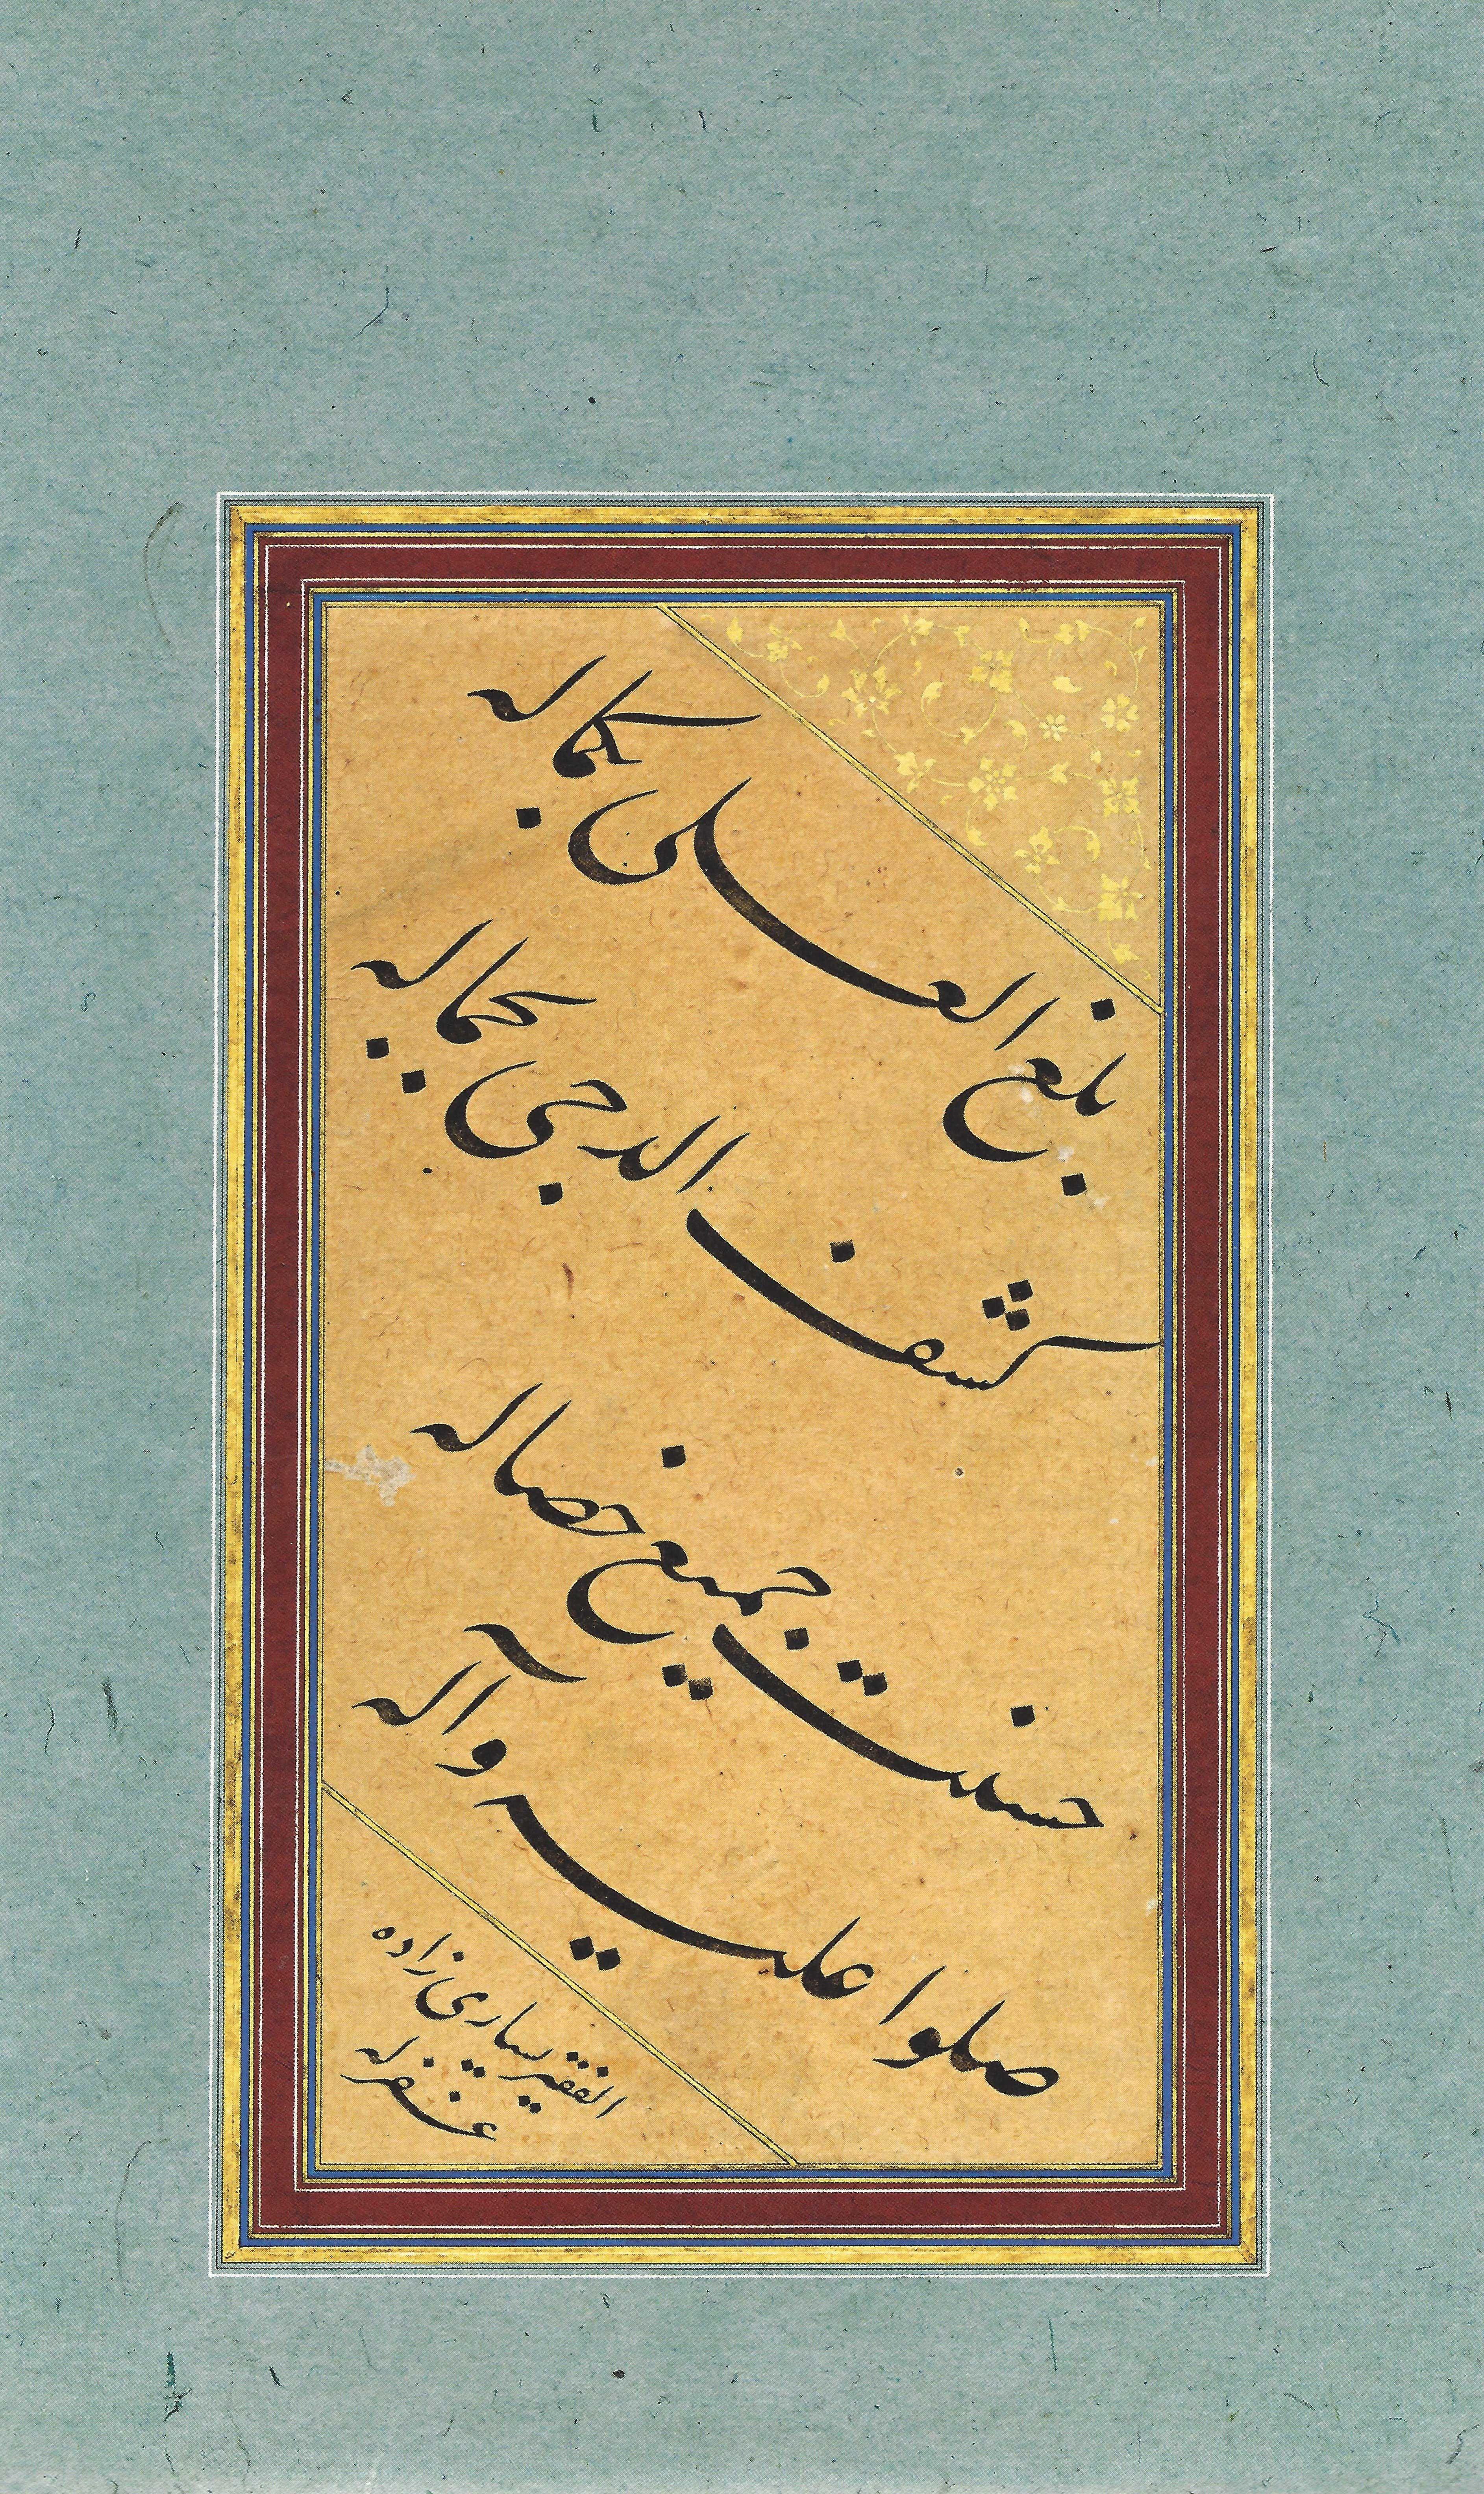 yesârîzâde (Görüntüler ile) Sanat, Hat sanatı, Arap sözleri